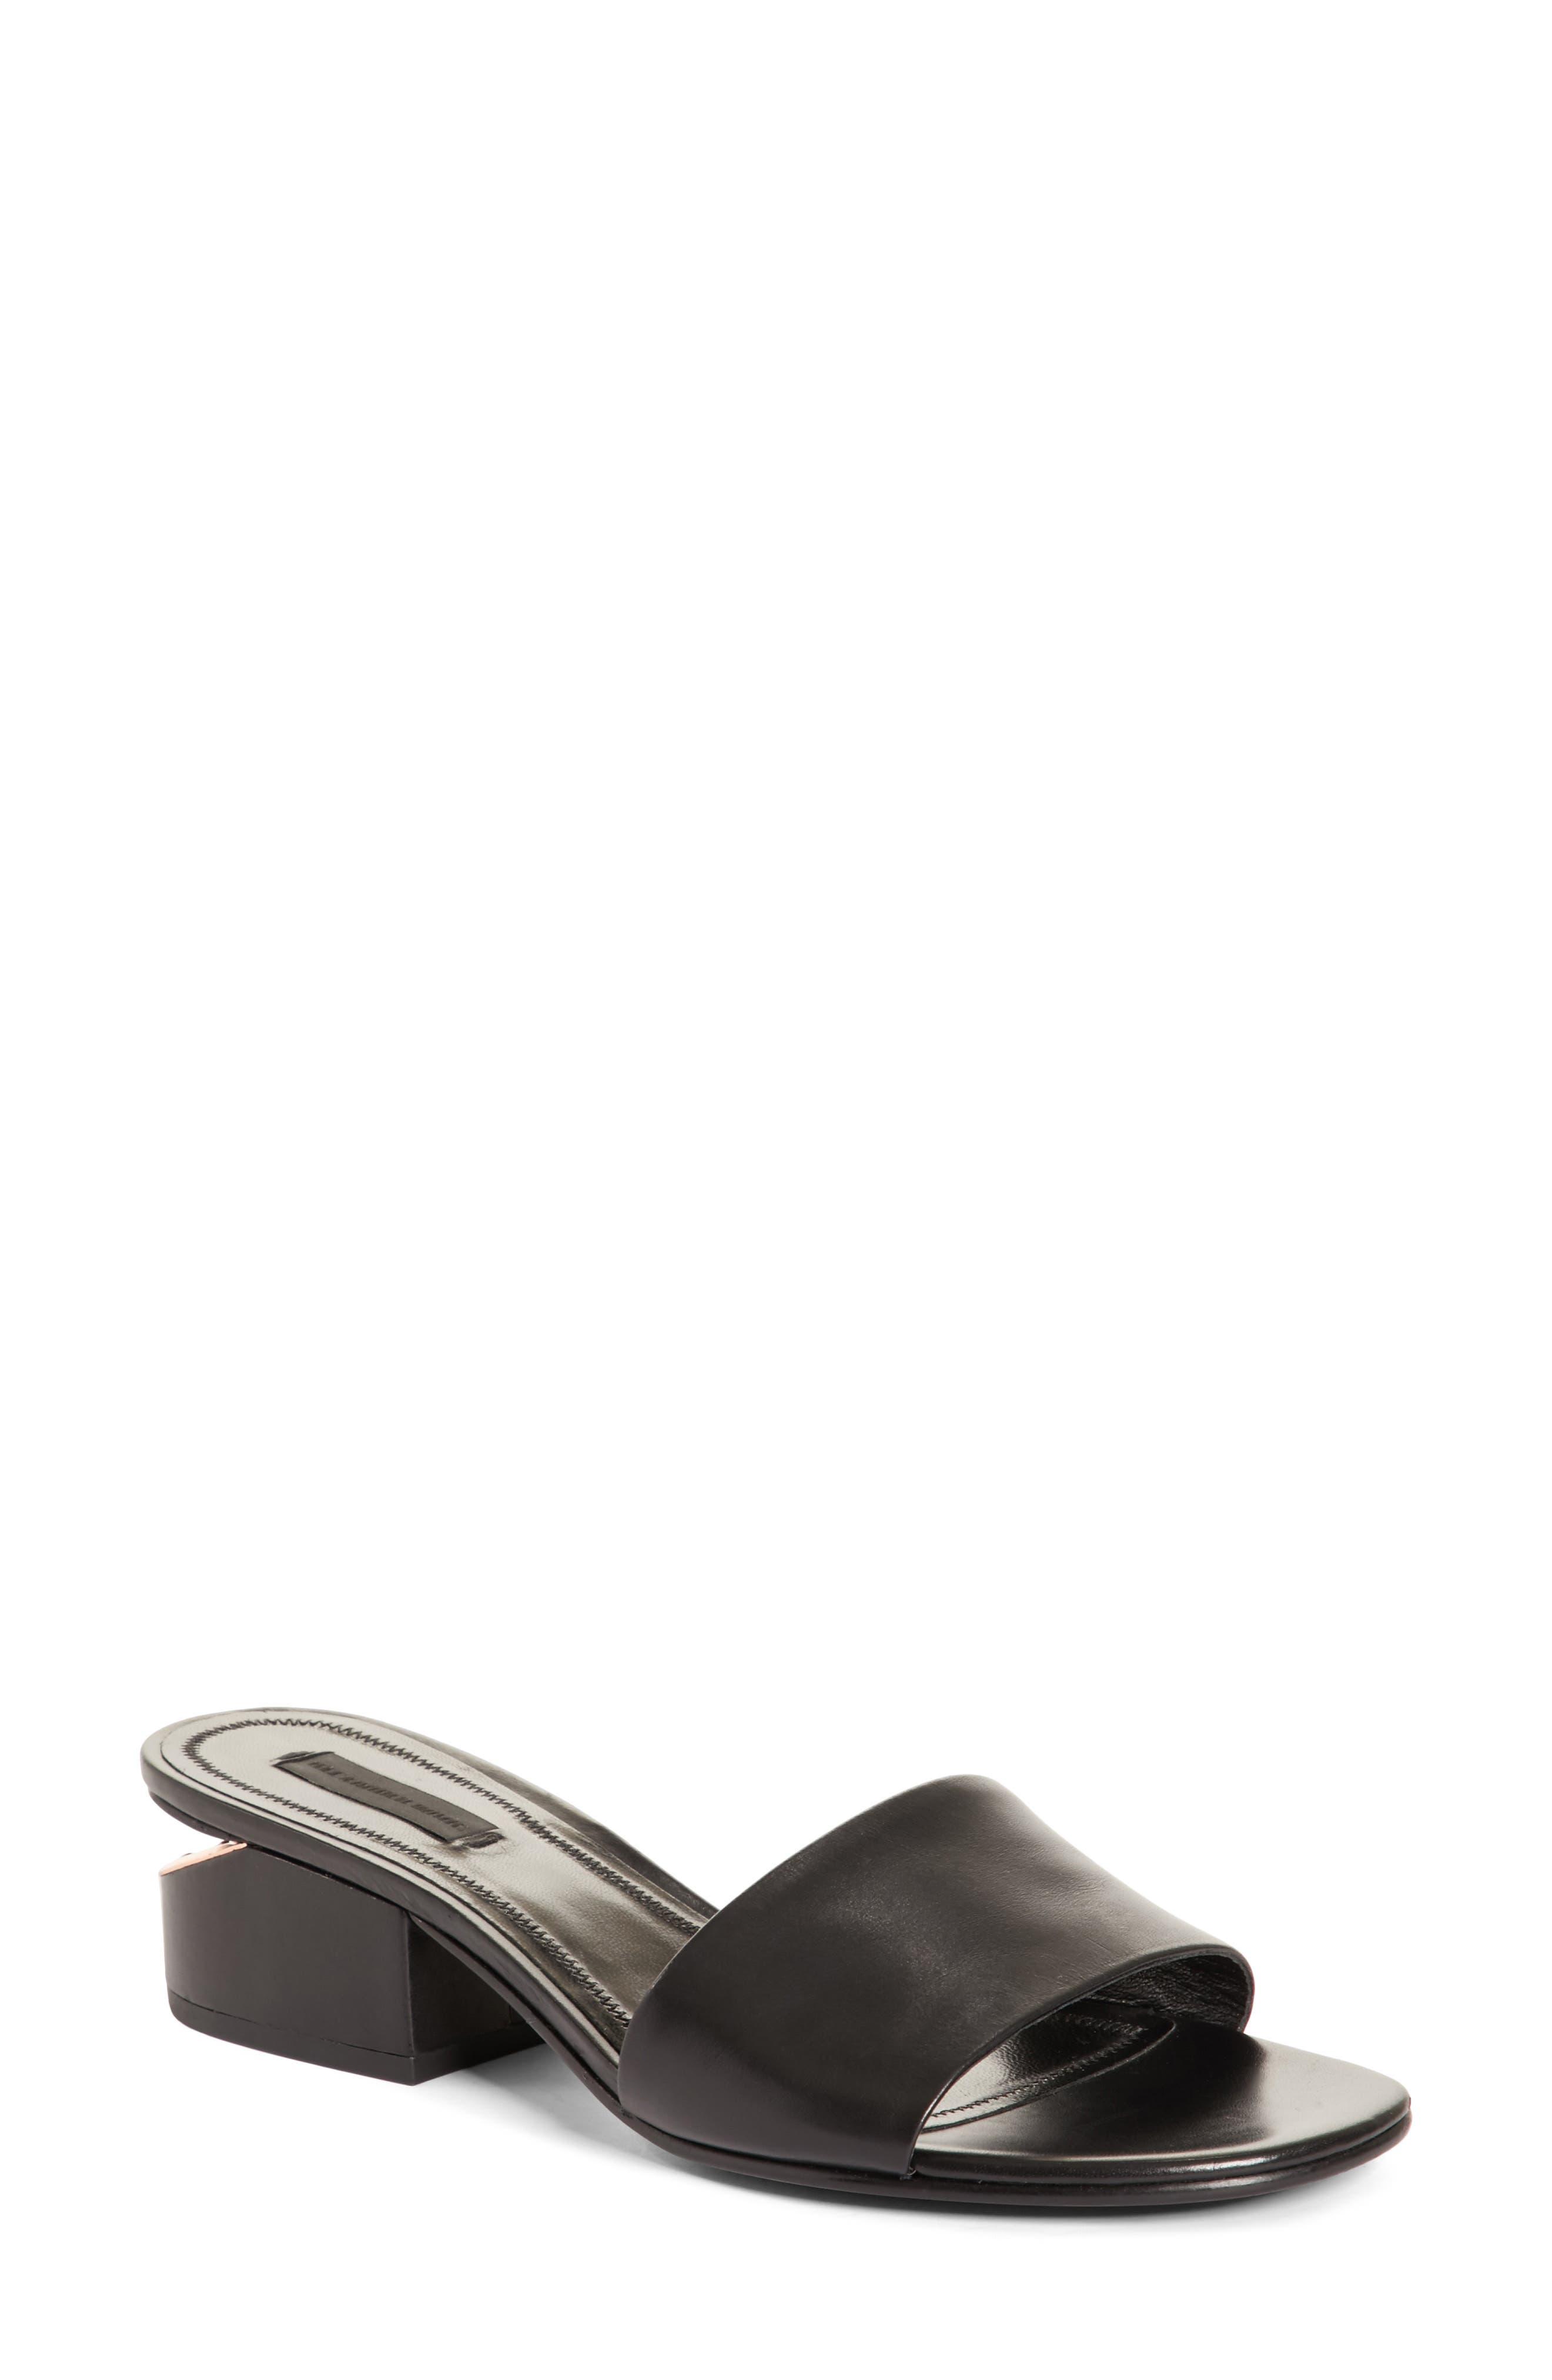 Lou Slide Sandal,                         Main,                         color, Black/ Rose Gold